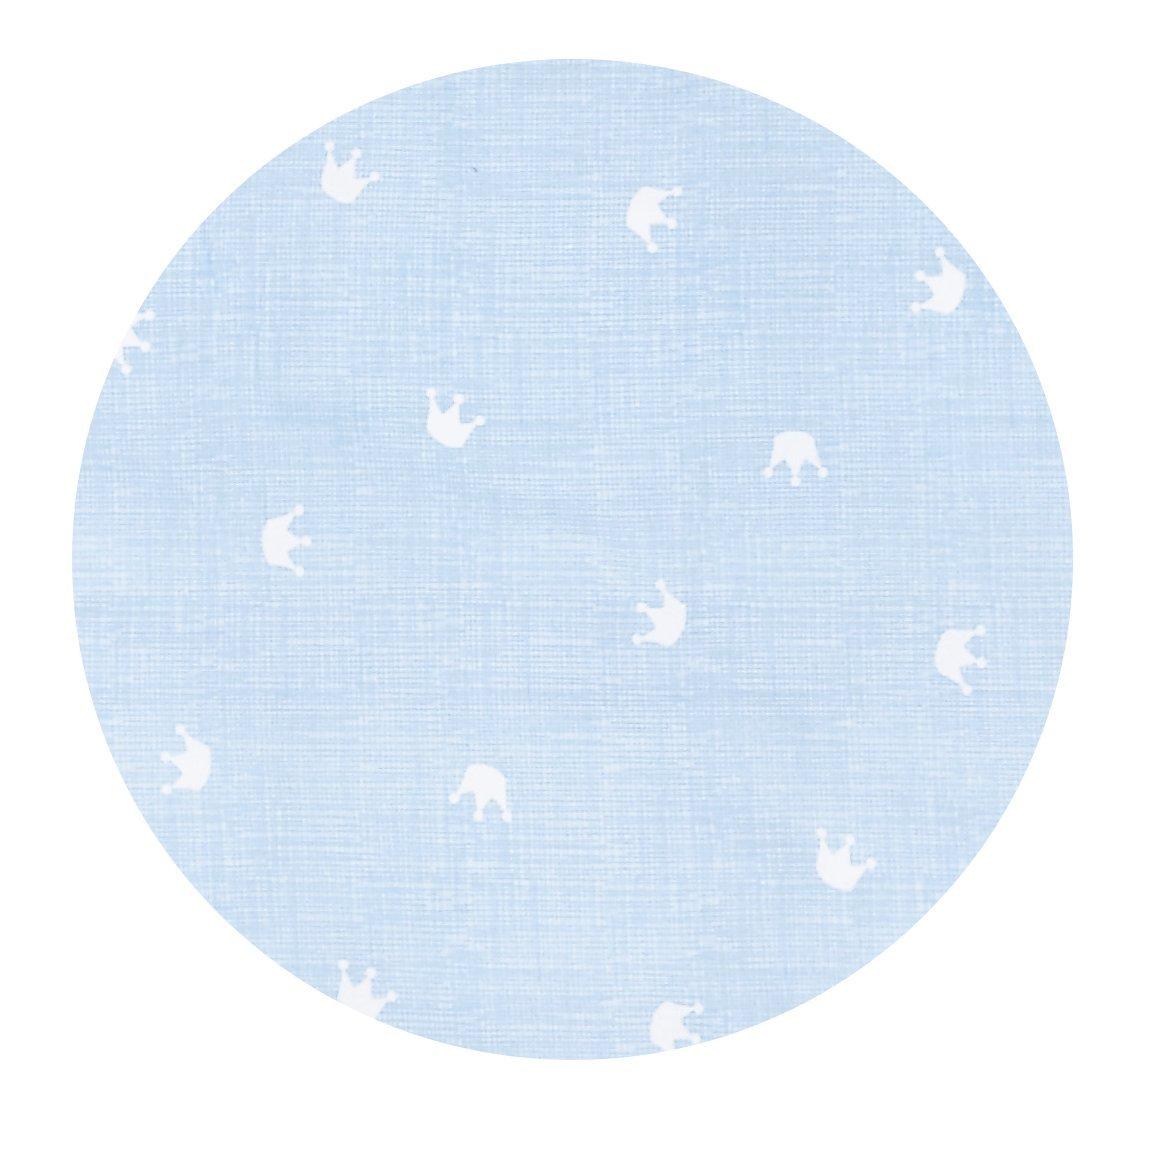 80 x 80 cm Tr/äumeland TT12403 Bettw/äsche Krone 2-teilig blau